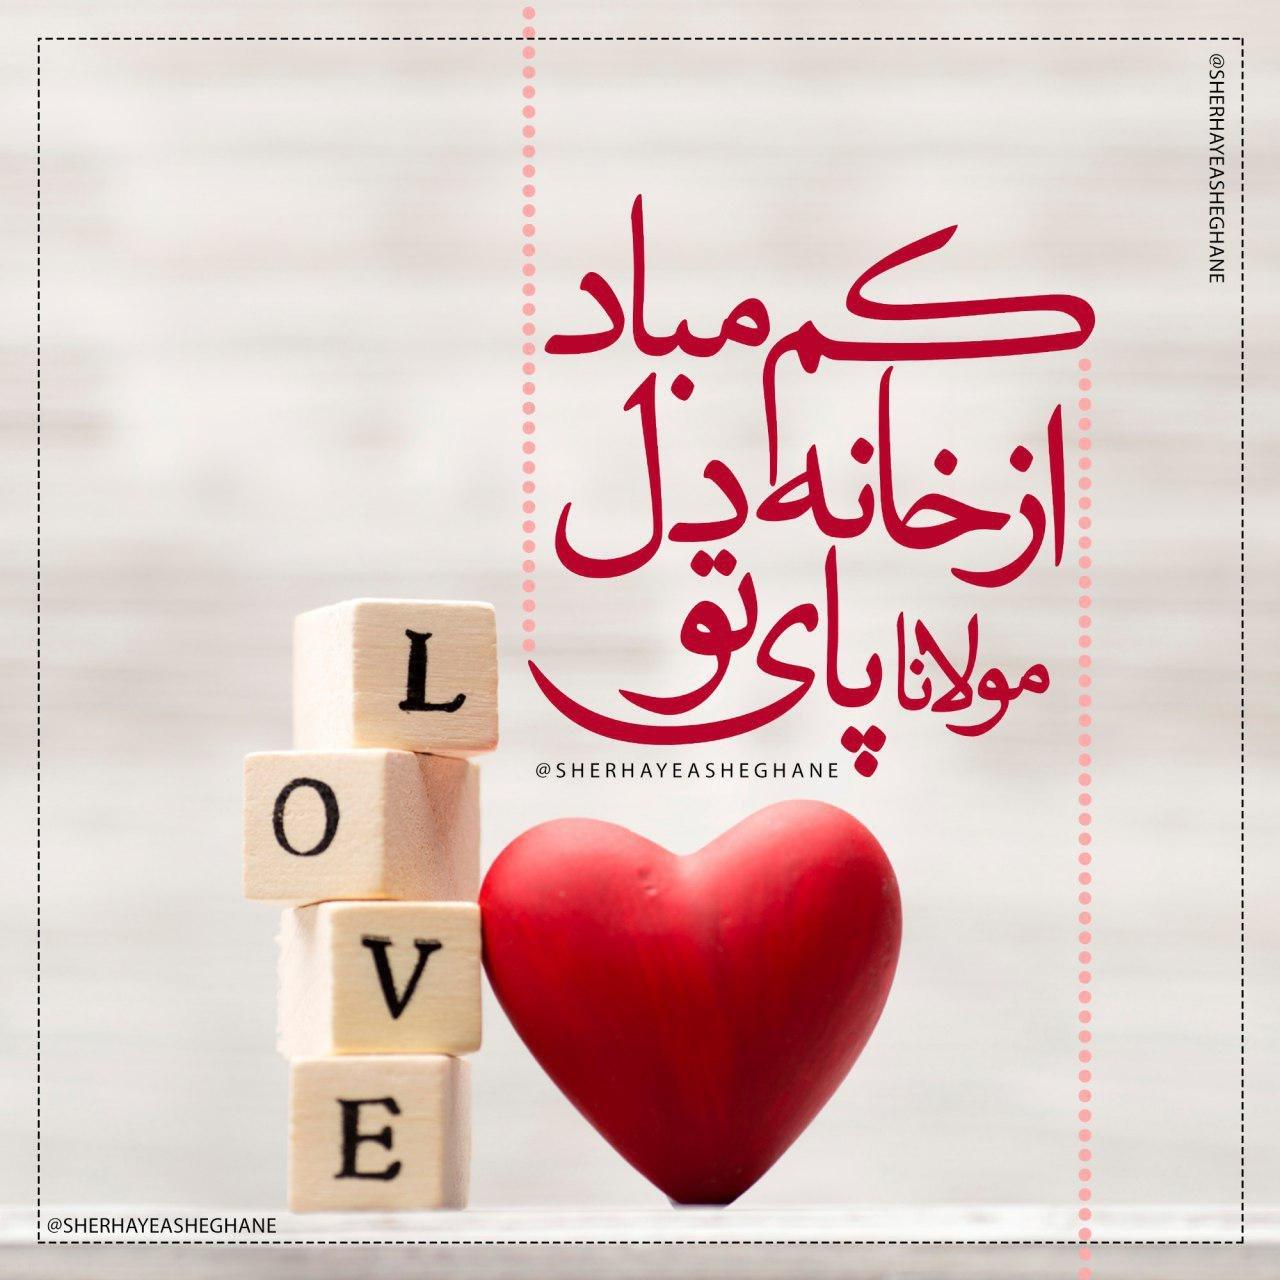 شعرهای عاشقانه زیبا | اشعار عاشقانه غمگین به همراه عکس